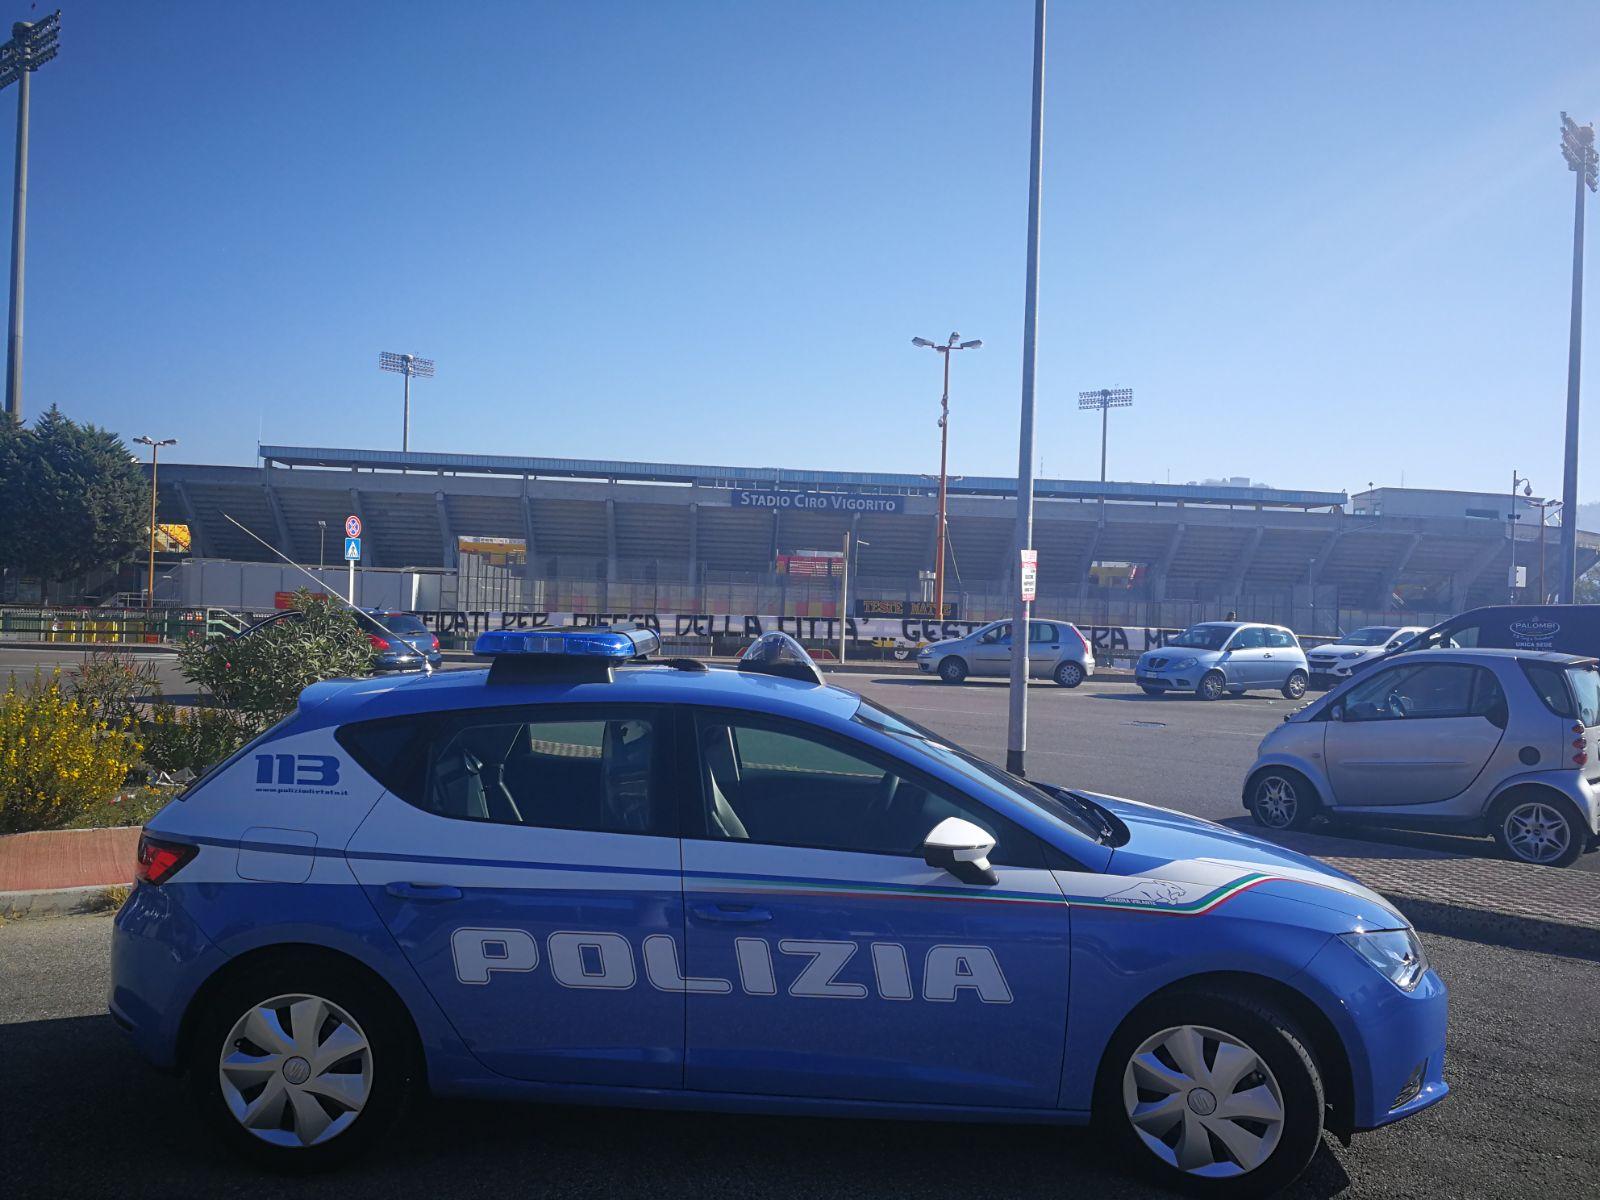 Benevento-Lazio: la Polizia di Stato irroga altri 6 daspo